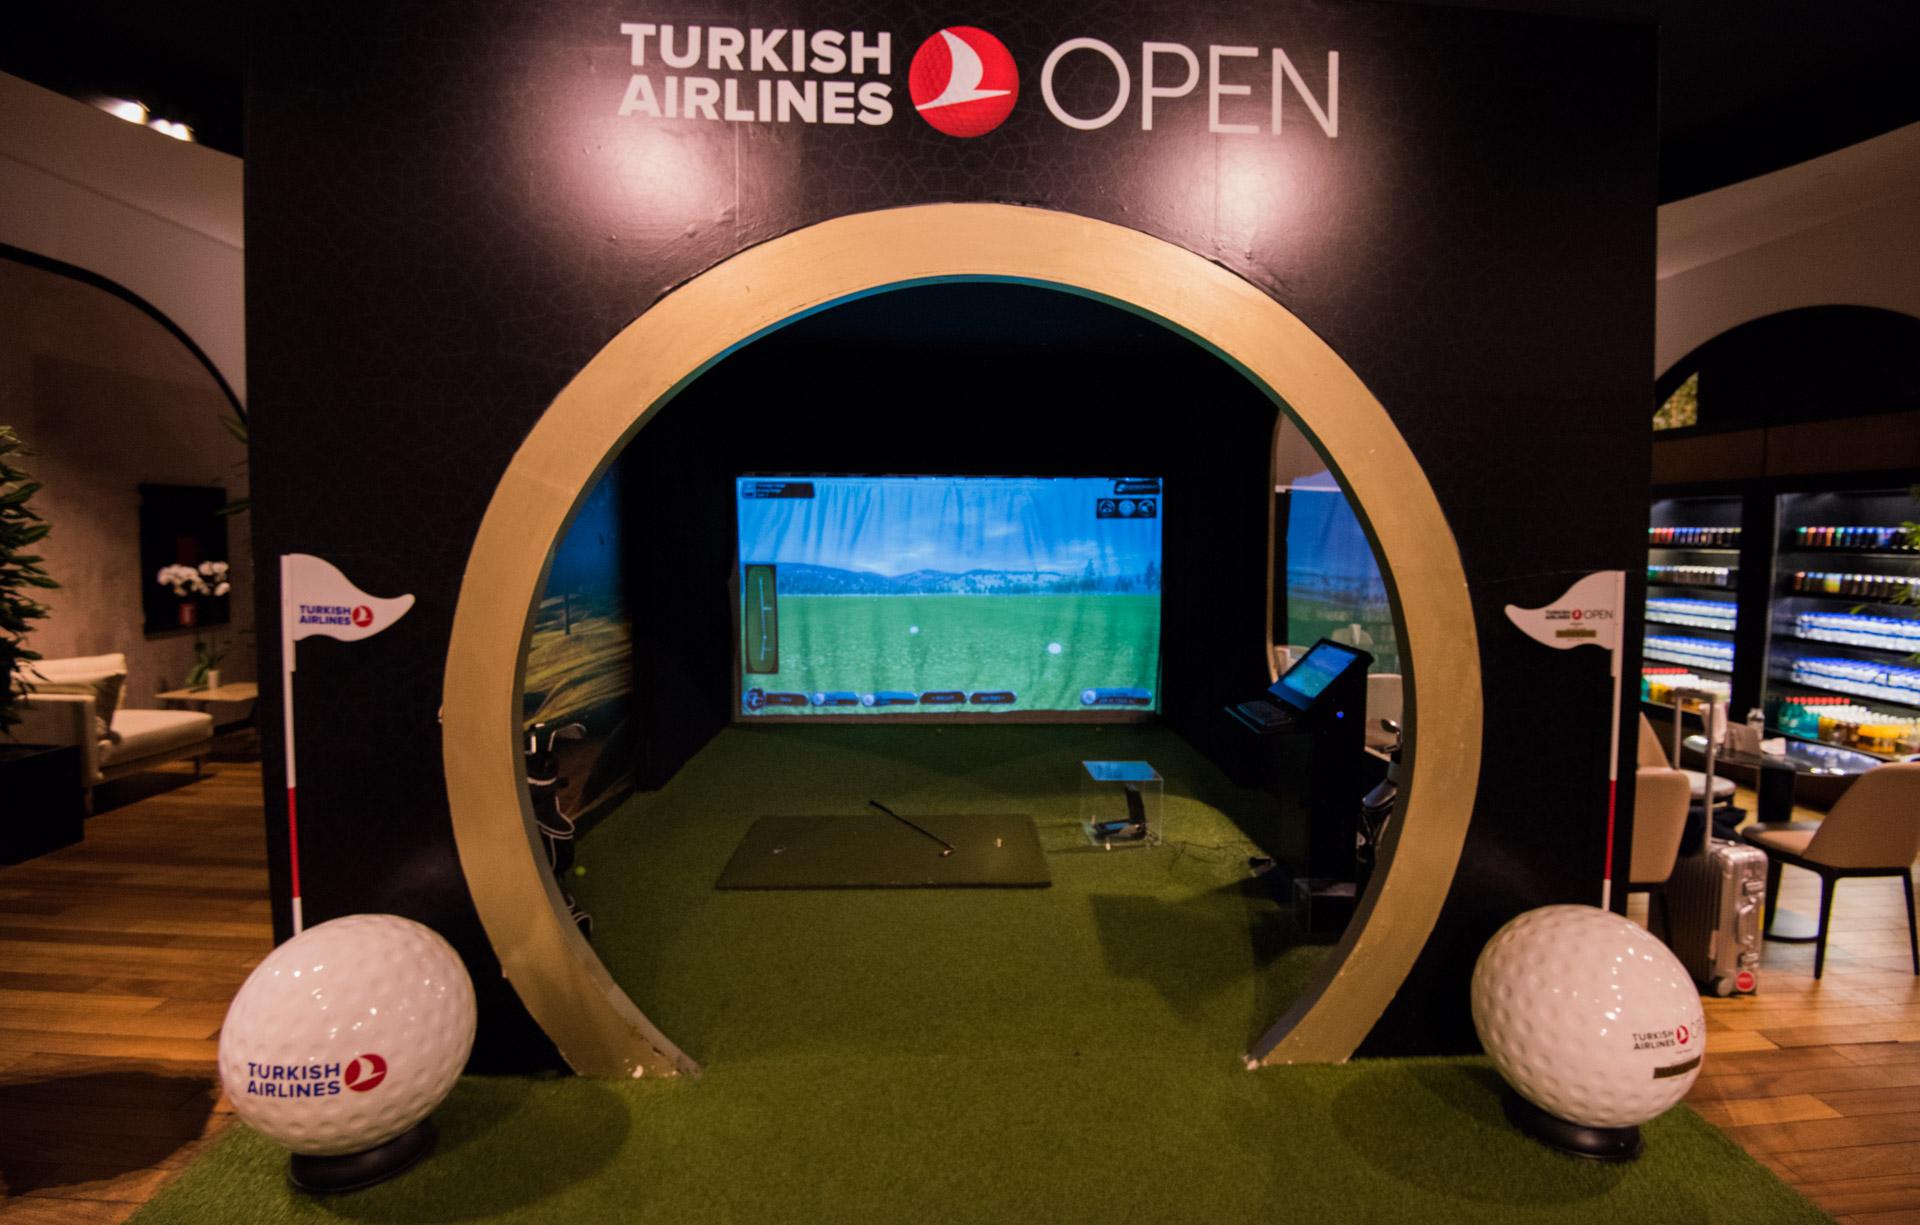 Gratis golfbag med Turkish Airlines, och gratis golfsimulator i loungen.